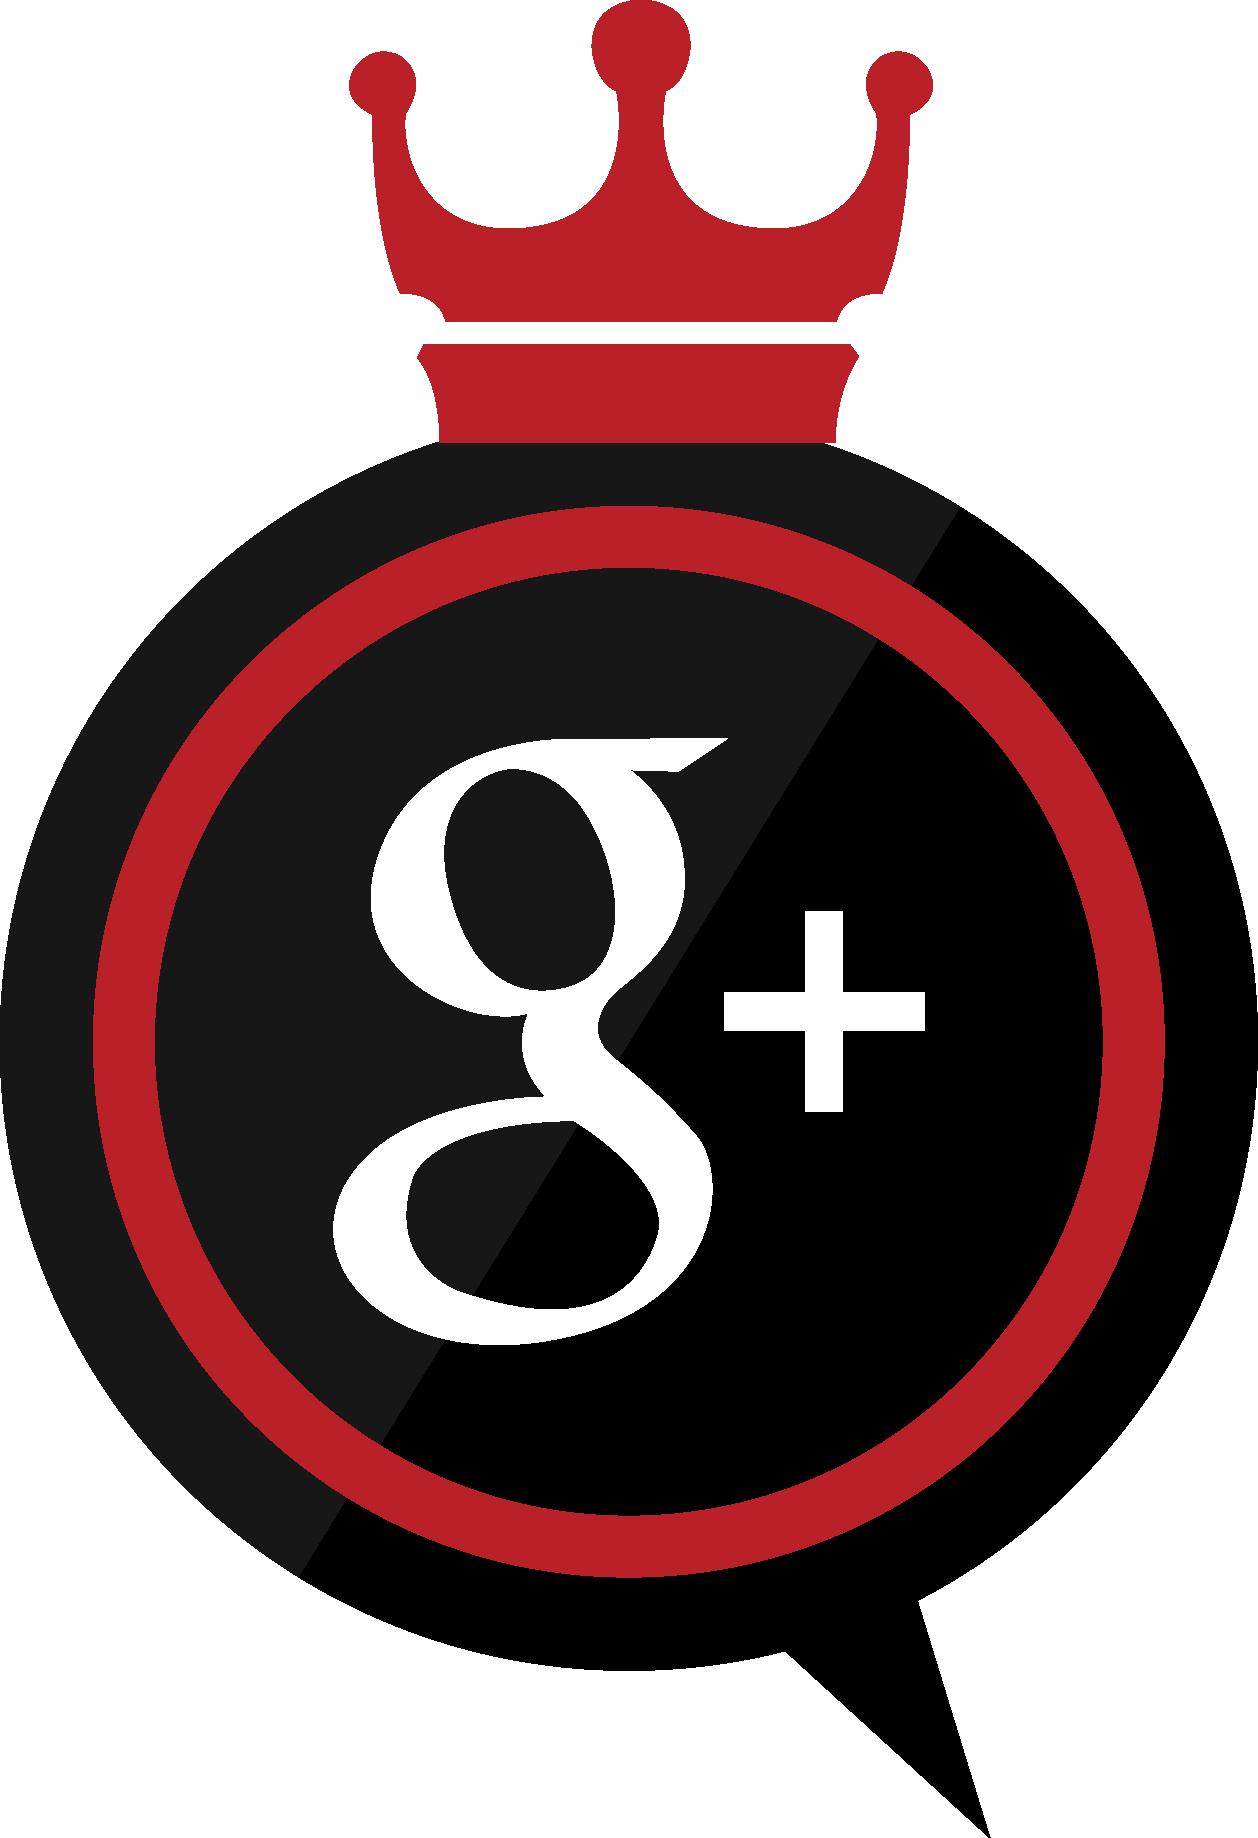 Google + - Social Media